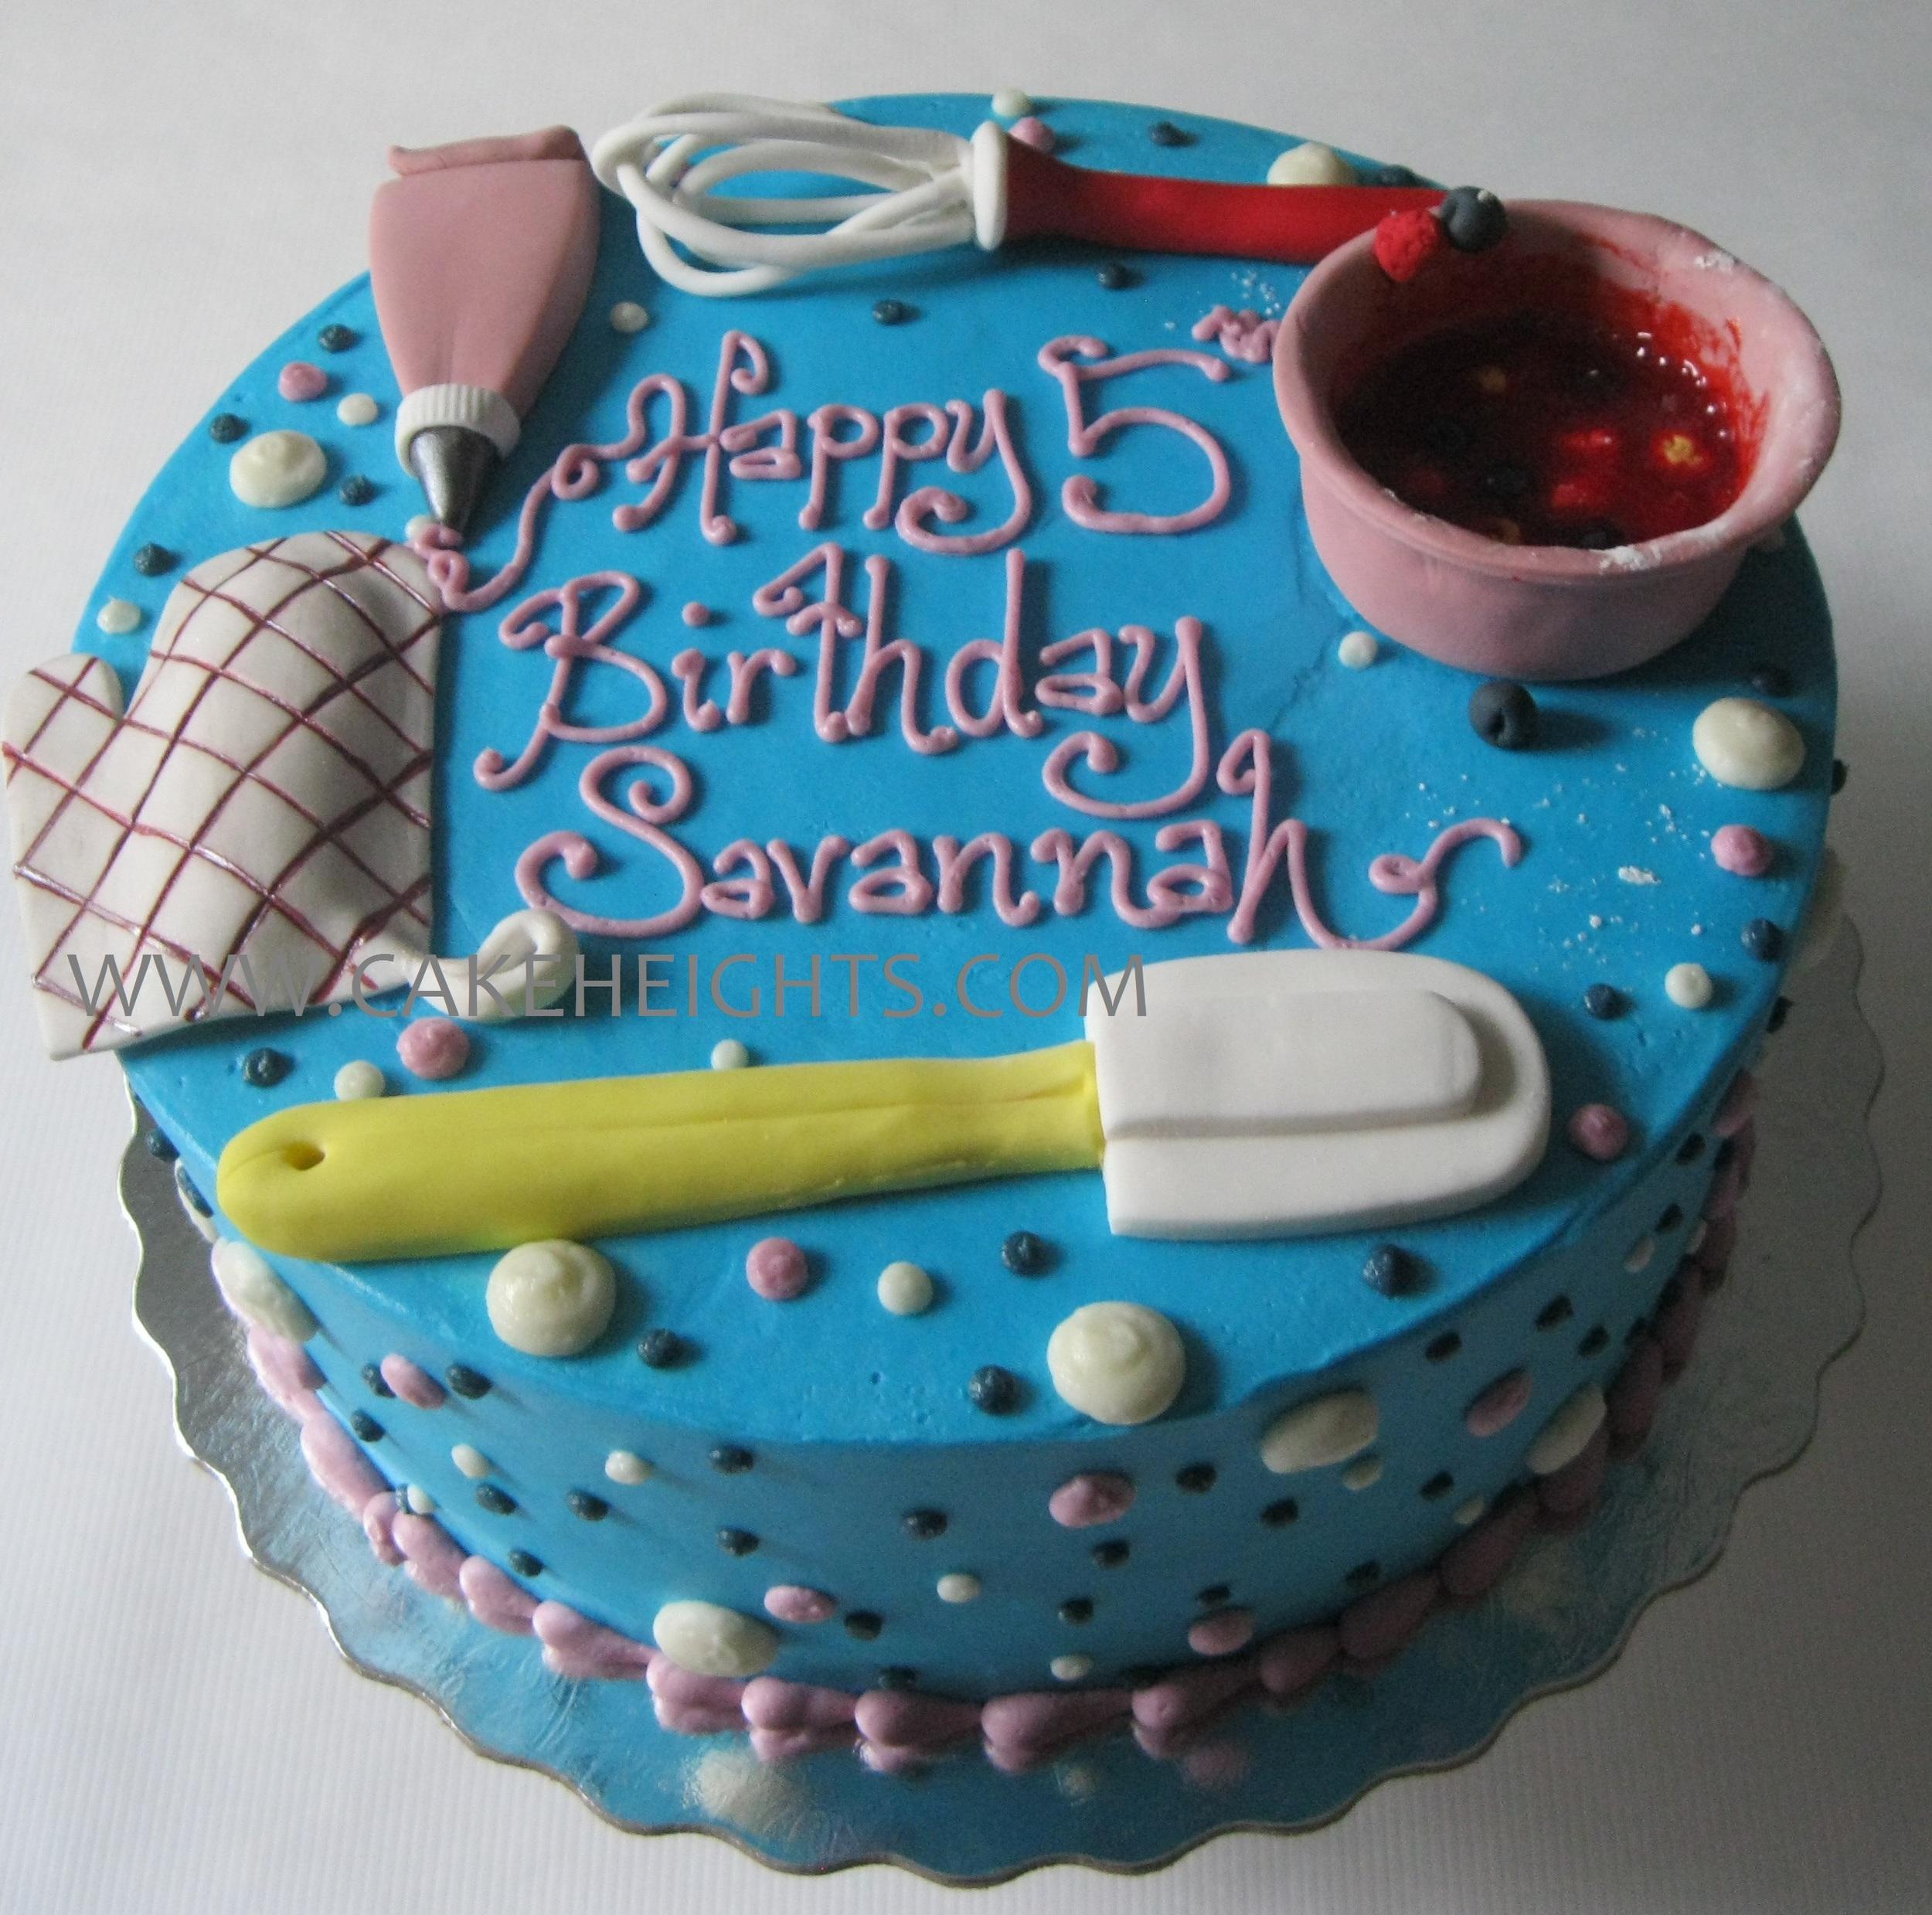 Savannah Baking